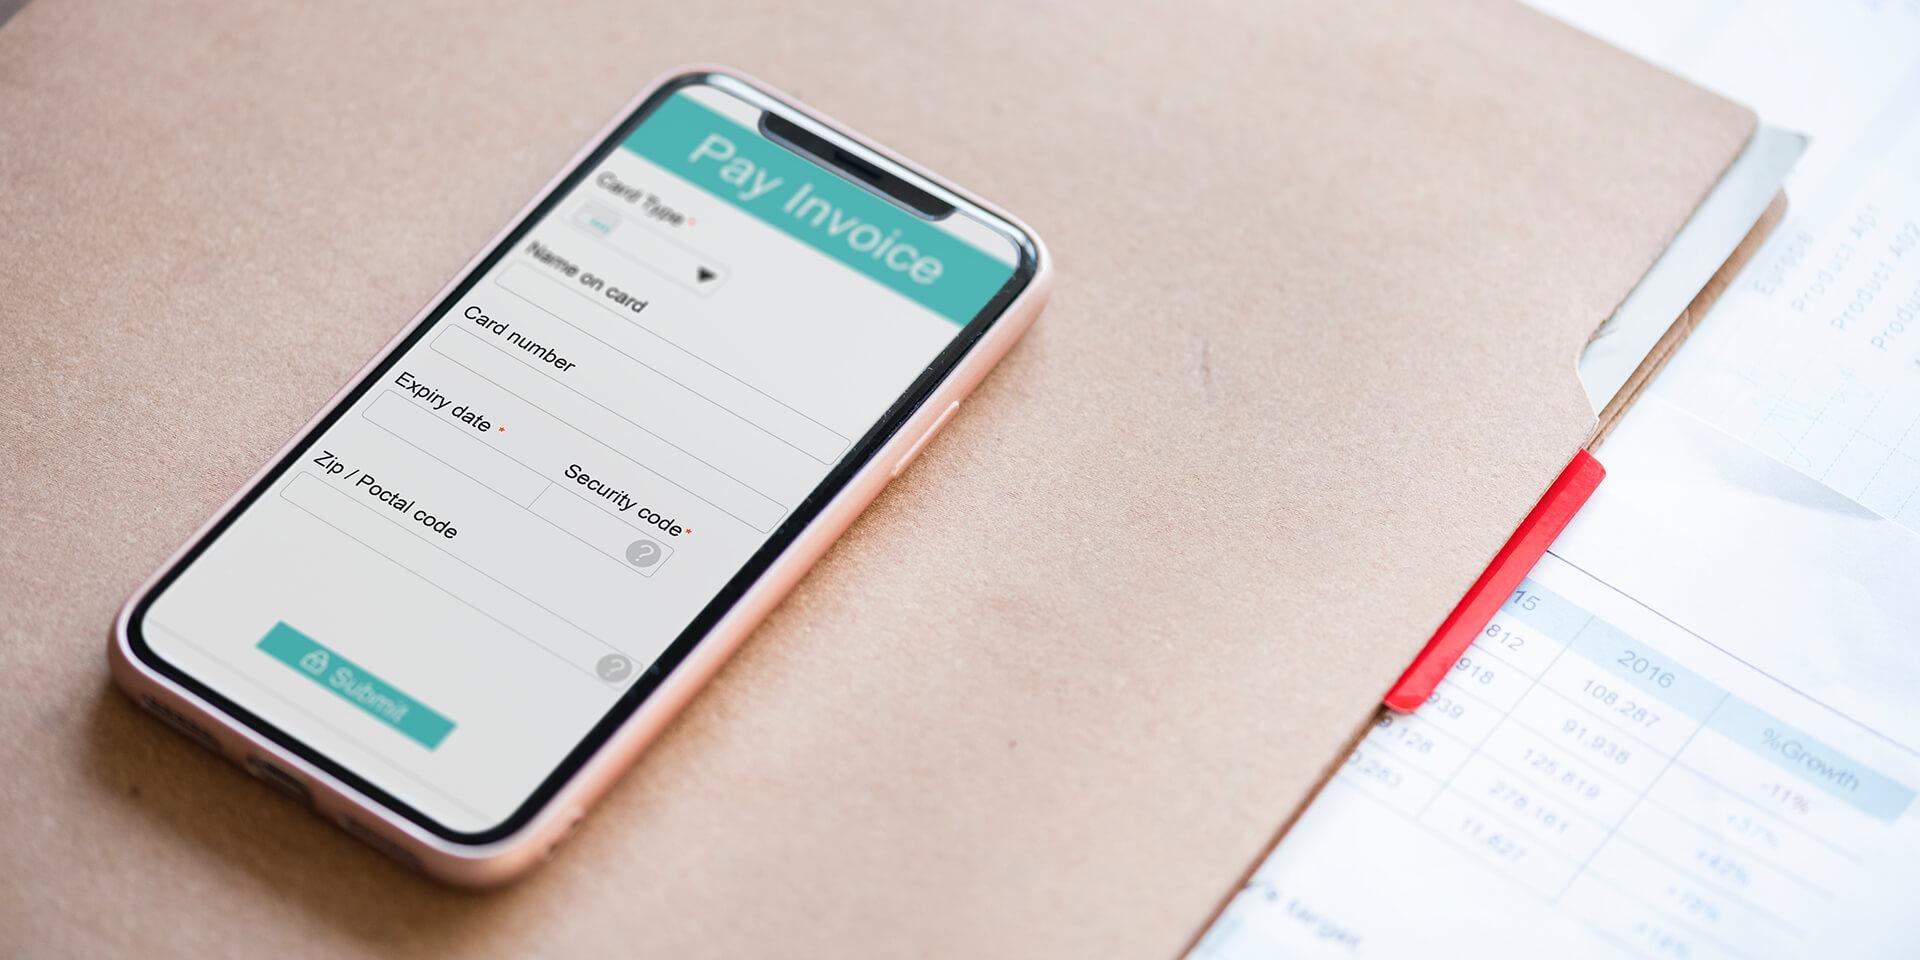 Fatturazione elettronica B2B obbligatoria dal 1 gennaio 2019: come funziona, cosa cambia e quanto si risparmia